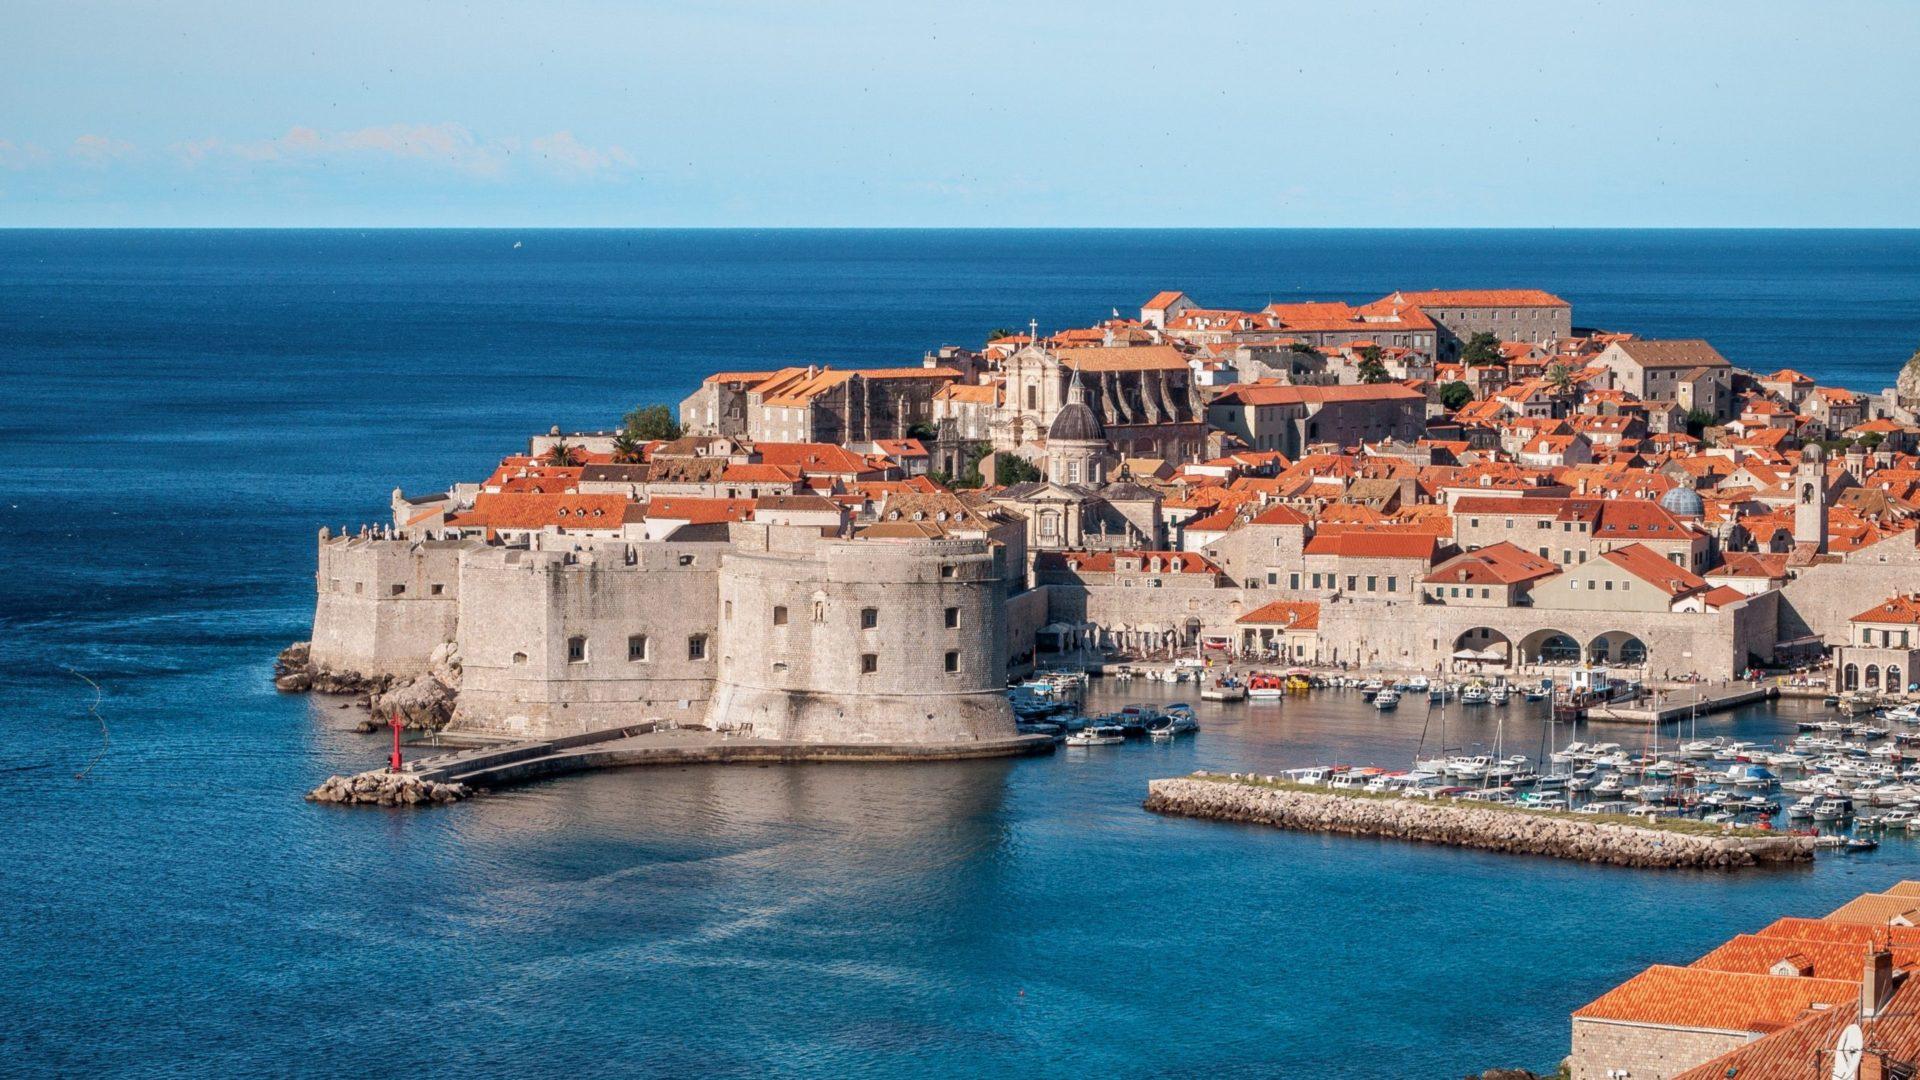 Wassertemperatur Kroatien: Das kroatische Küstenstädtchen Dubrovnik im Süden des Landes